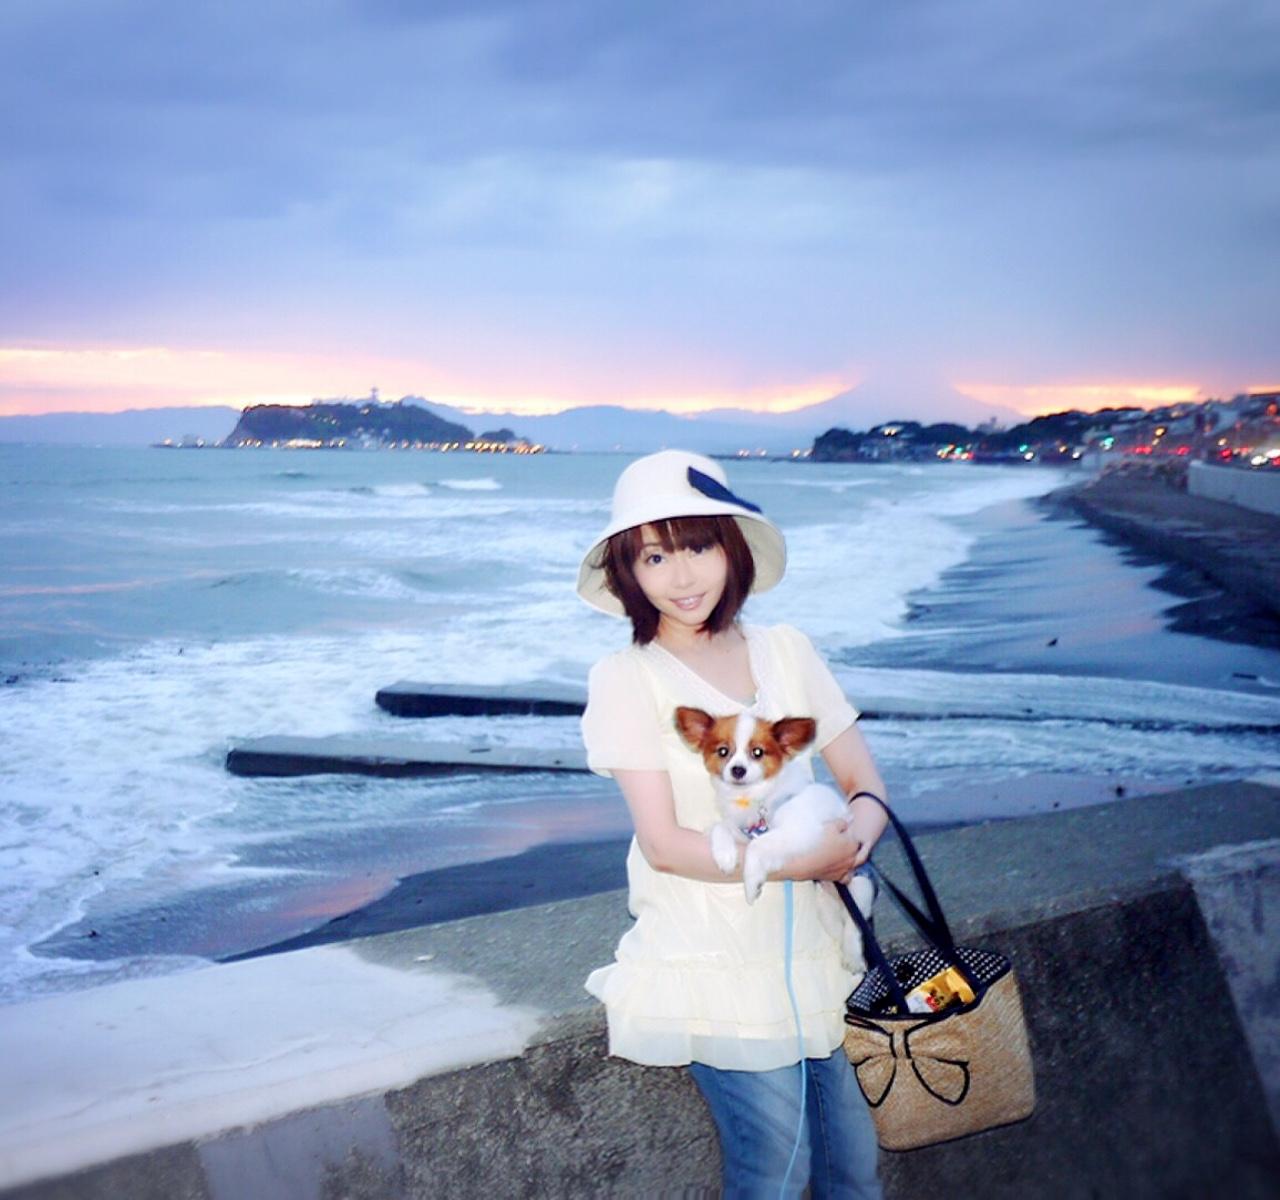 夏休みには鎌倉&江ノ島で隠れ名所巡り!日帰りでたっぷり遊べるスポット!